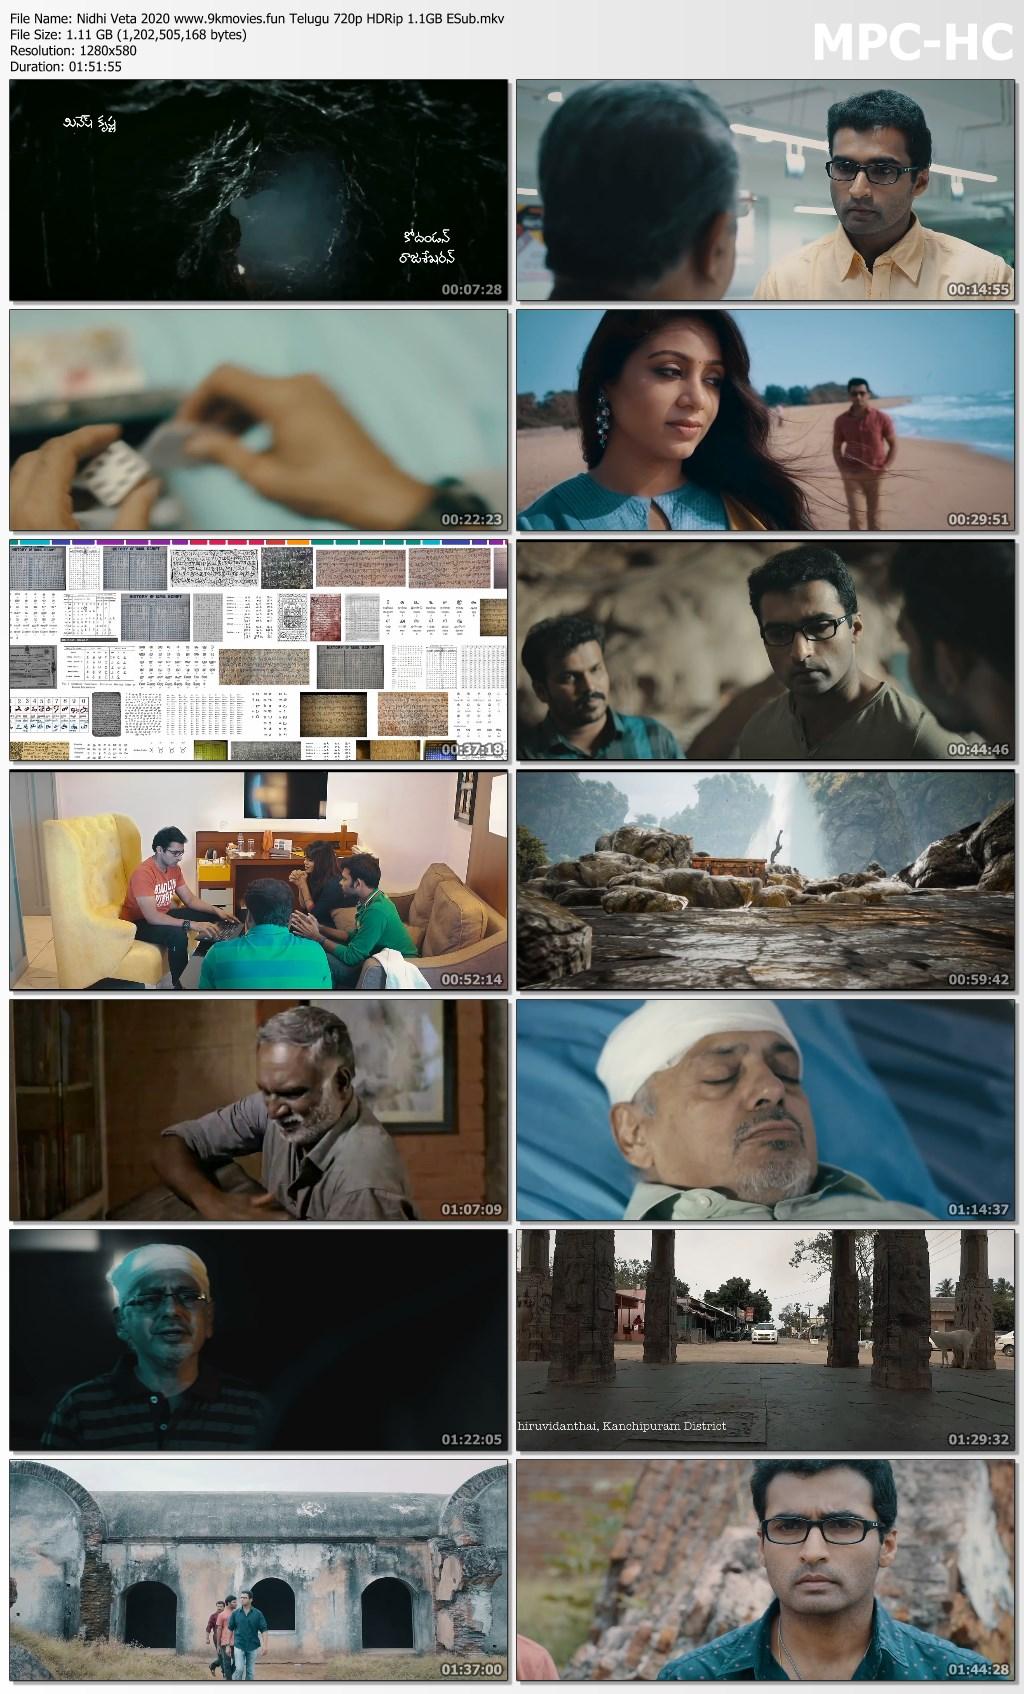 Nidhi Veta 2020 Telugu 720p HDRip 1115MB ESub Tamil Movies Download Link